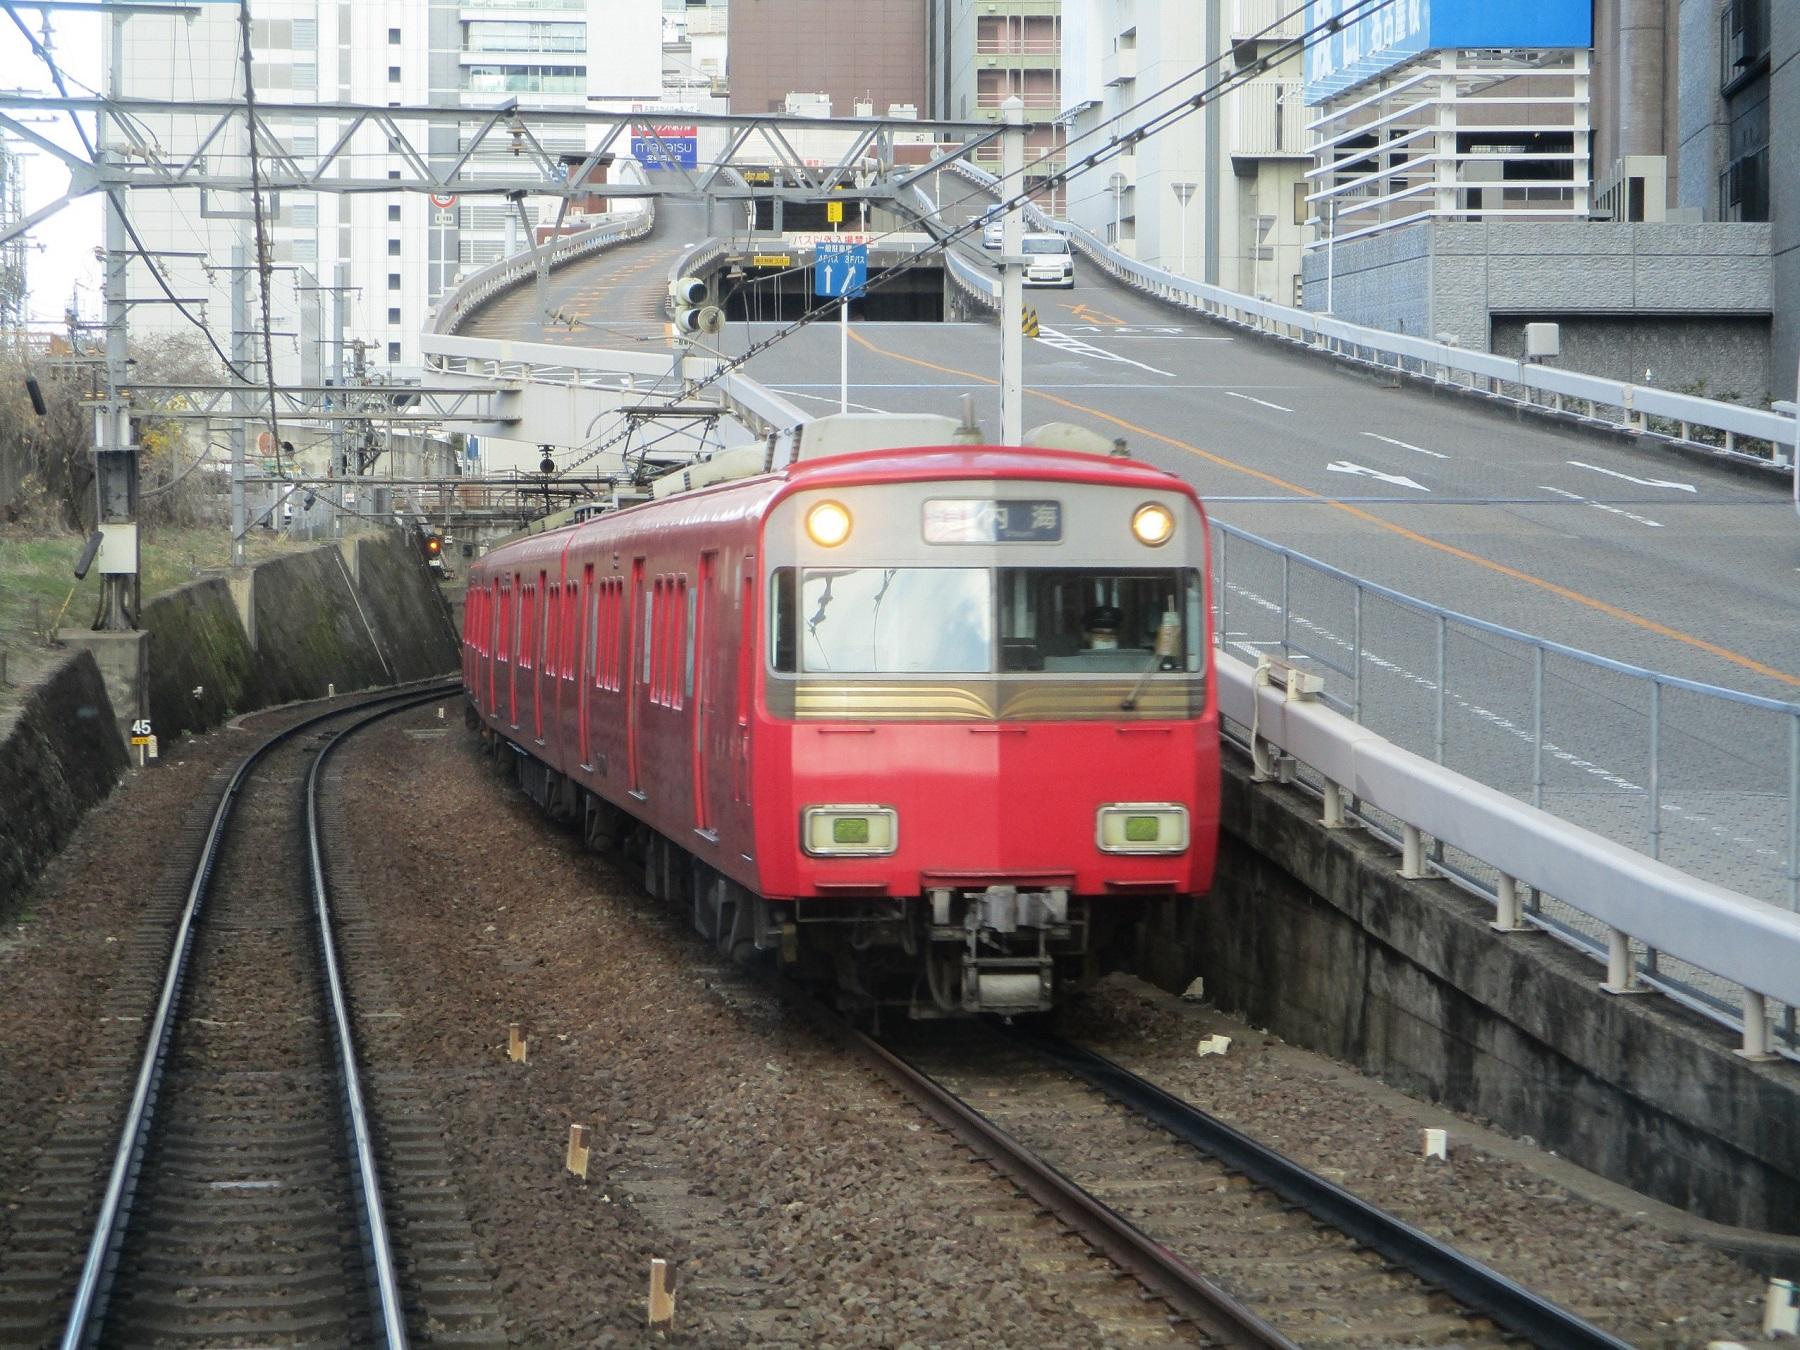 2020.1.30 (20) 一宮いき急行 - 名古屋てまえ 1800-1350